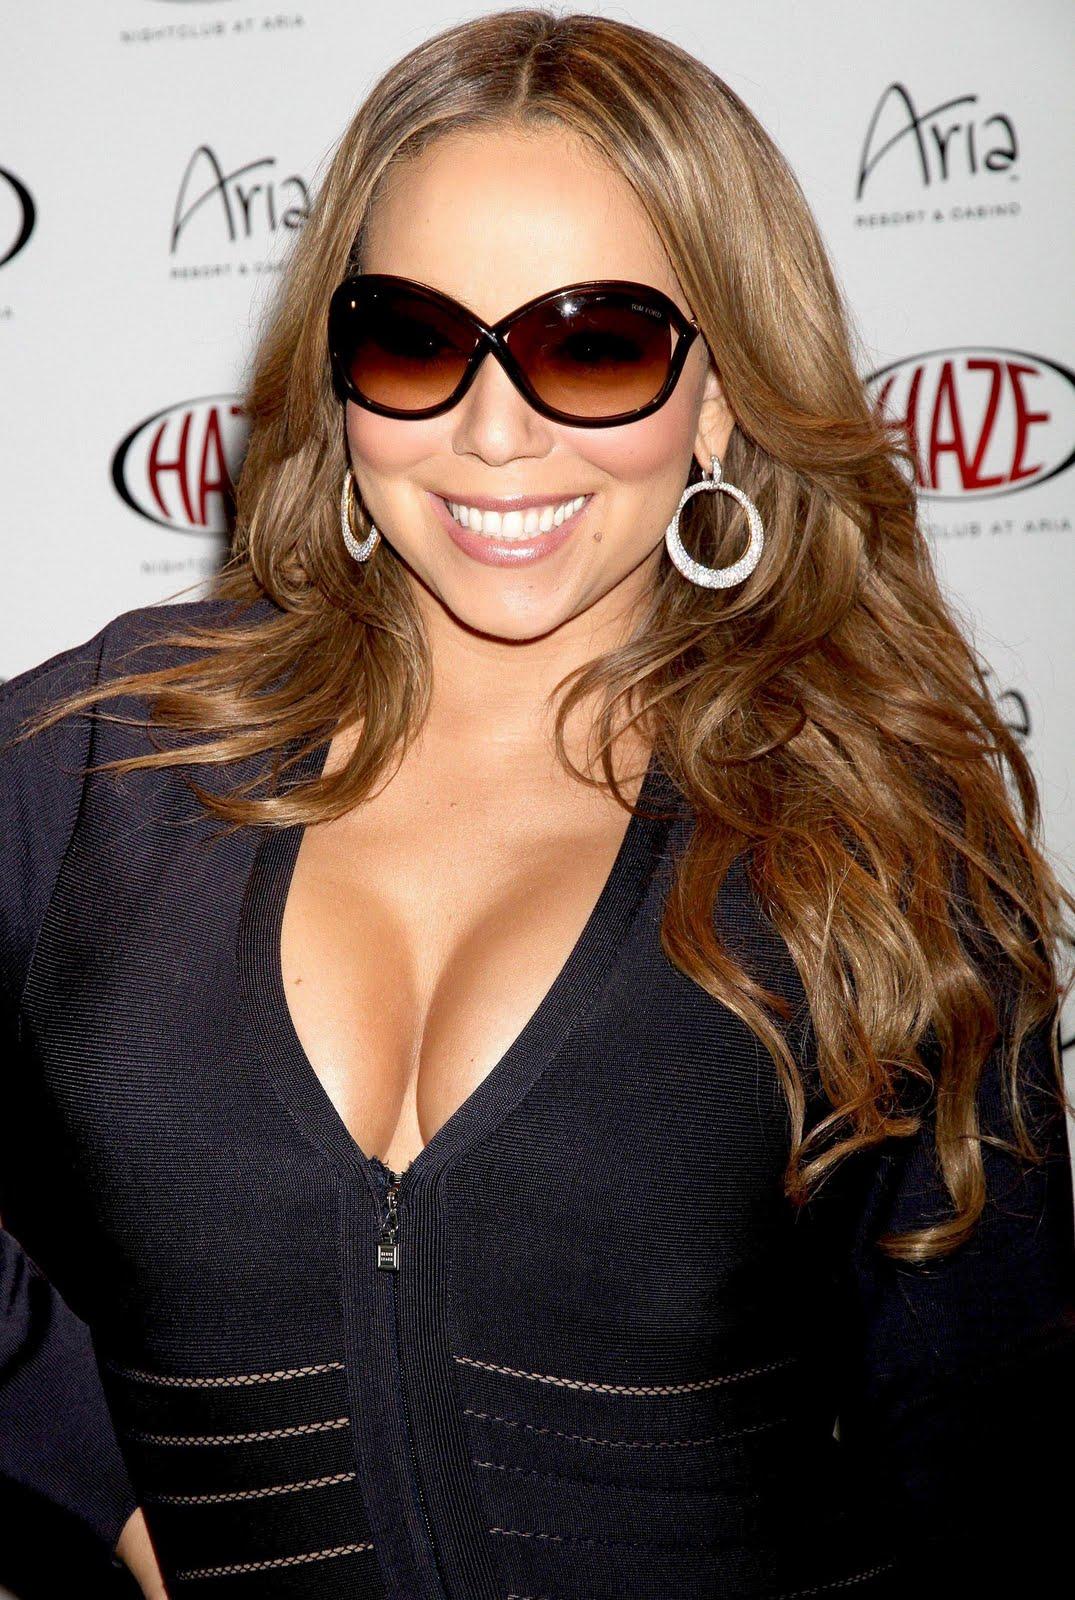 http://4.bp.blogspot.com/-EUnLjTTkd-I/TryW7X3o3TI/AAAAAAAAEEA/aX-mEQJIBcE/s1600/mariah-carey.jpeg